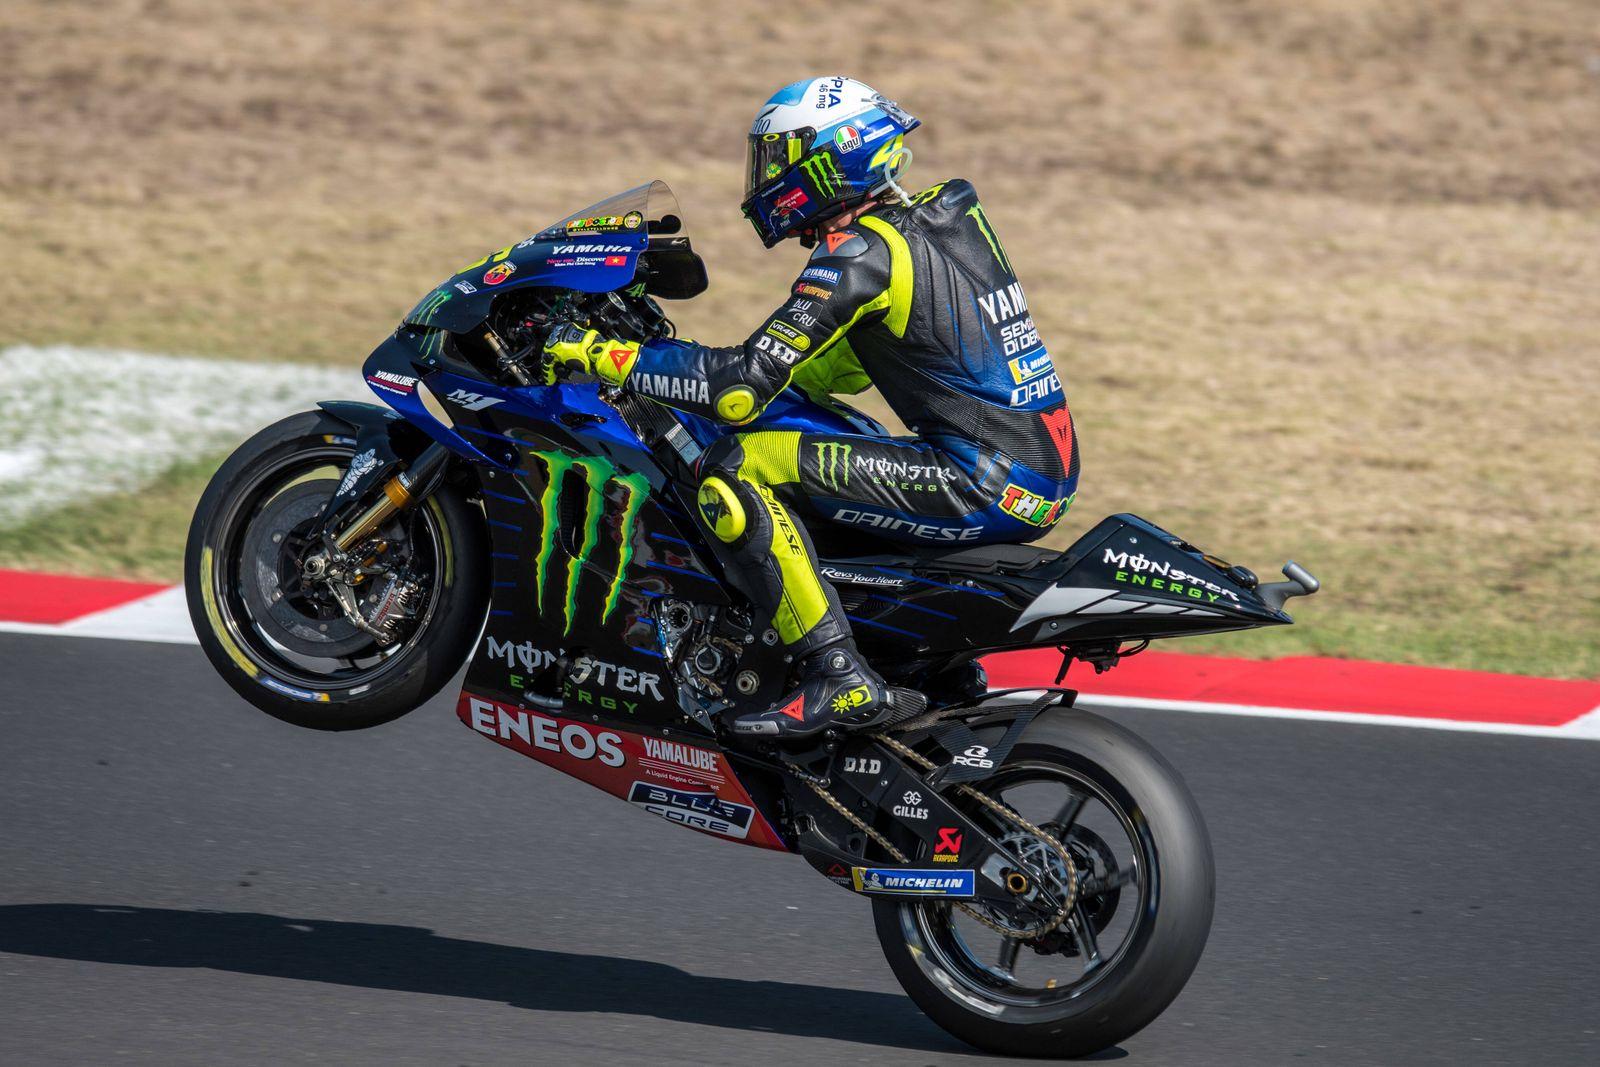 Motogp Superstar Valentino Rossi Wechselt Ins Yamaha Kundenteam Der Spiegel